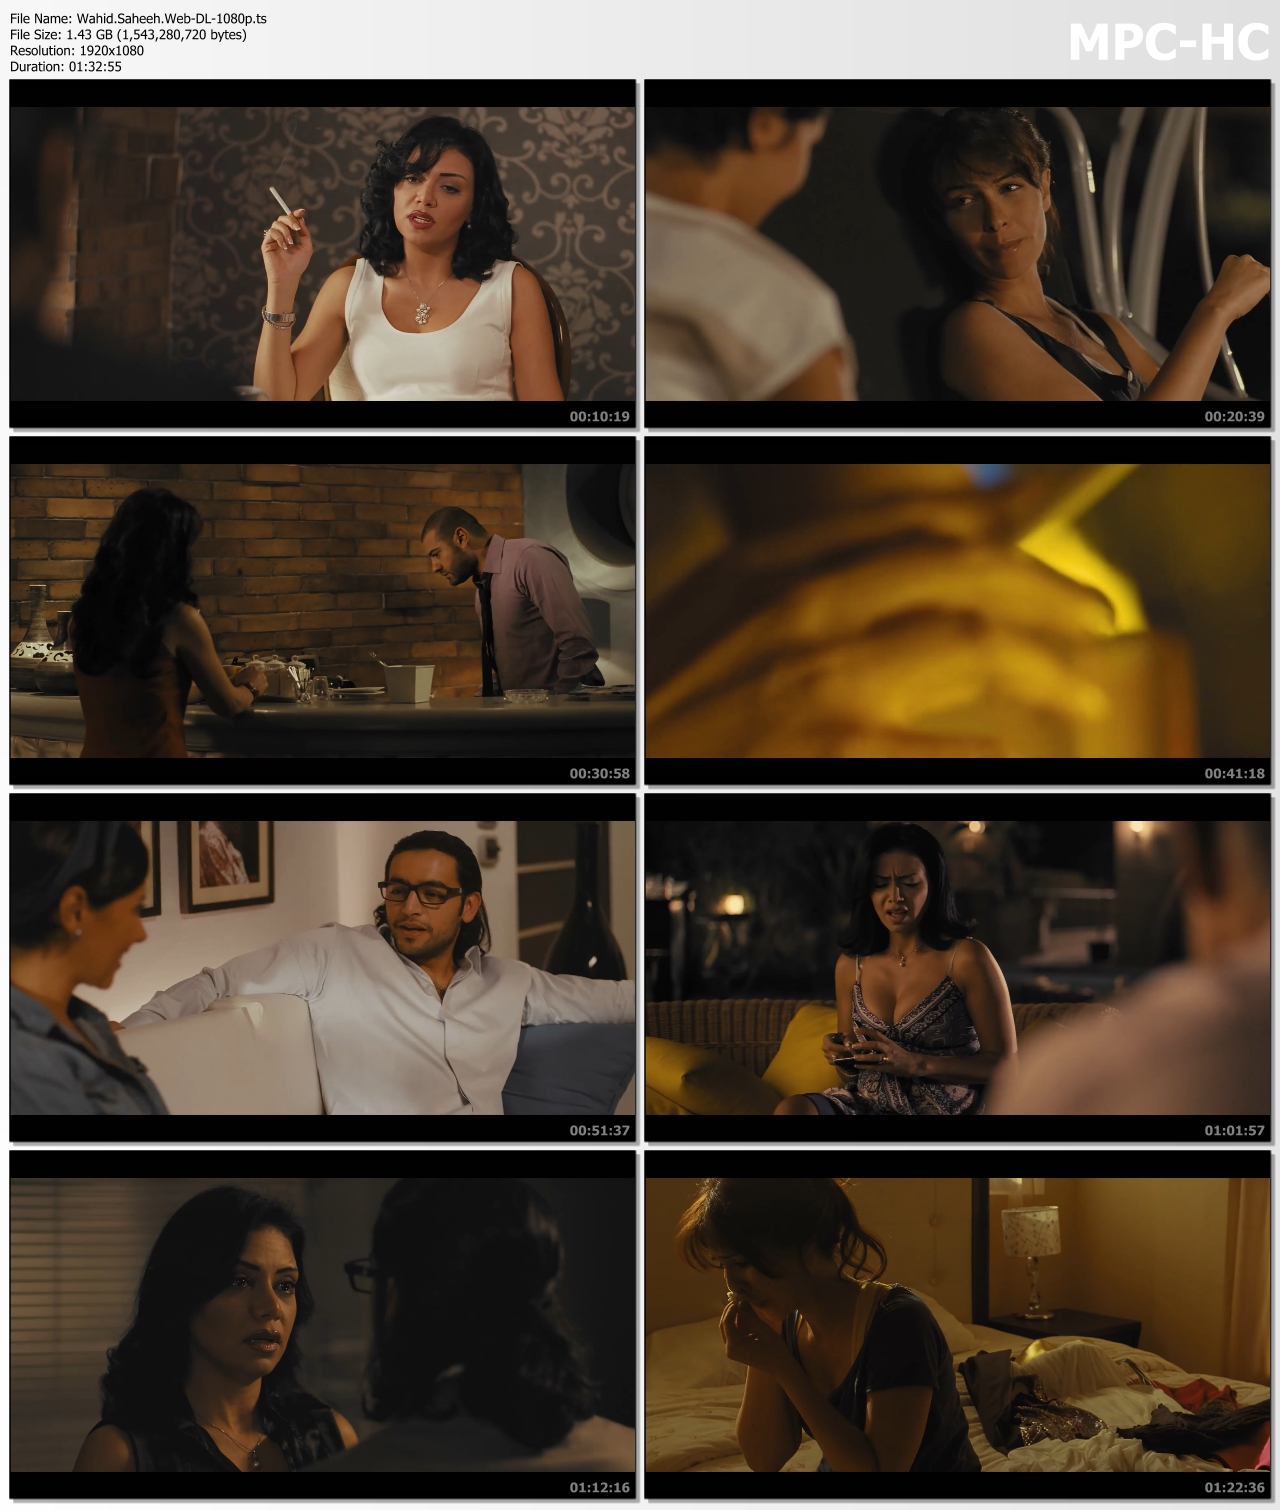 [فيلم][تورنت][تحميل][واحد صحيح][2011][1080p][Web-DL] 7 arabp2p.com